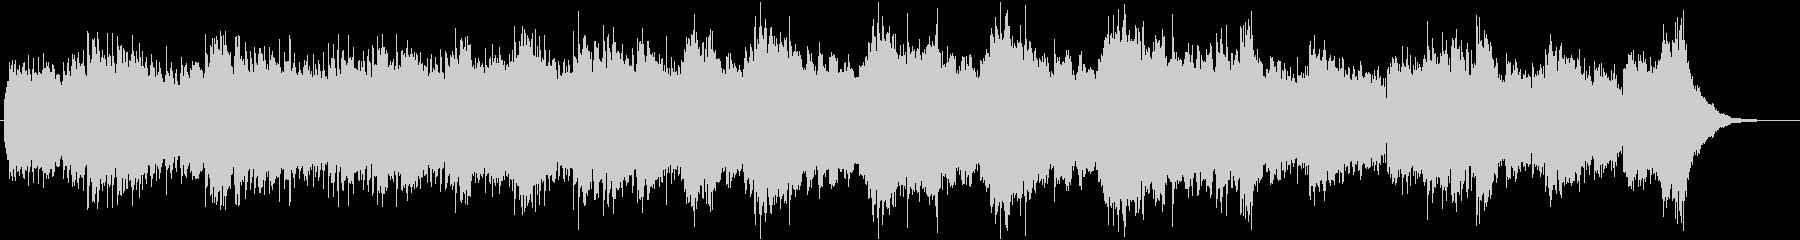 琴とハープとストリングスの幻想的な曲の未再生の波形